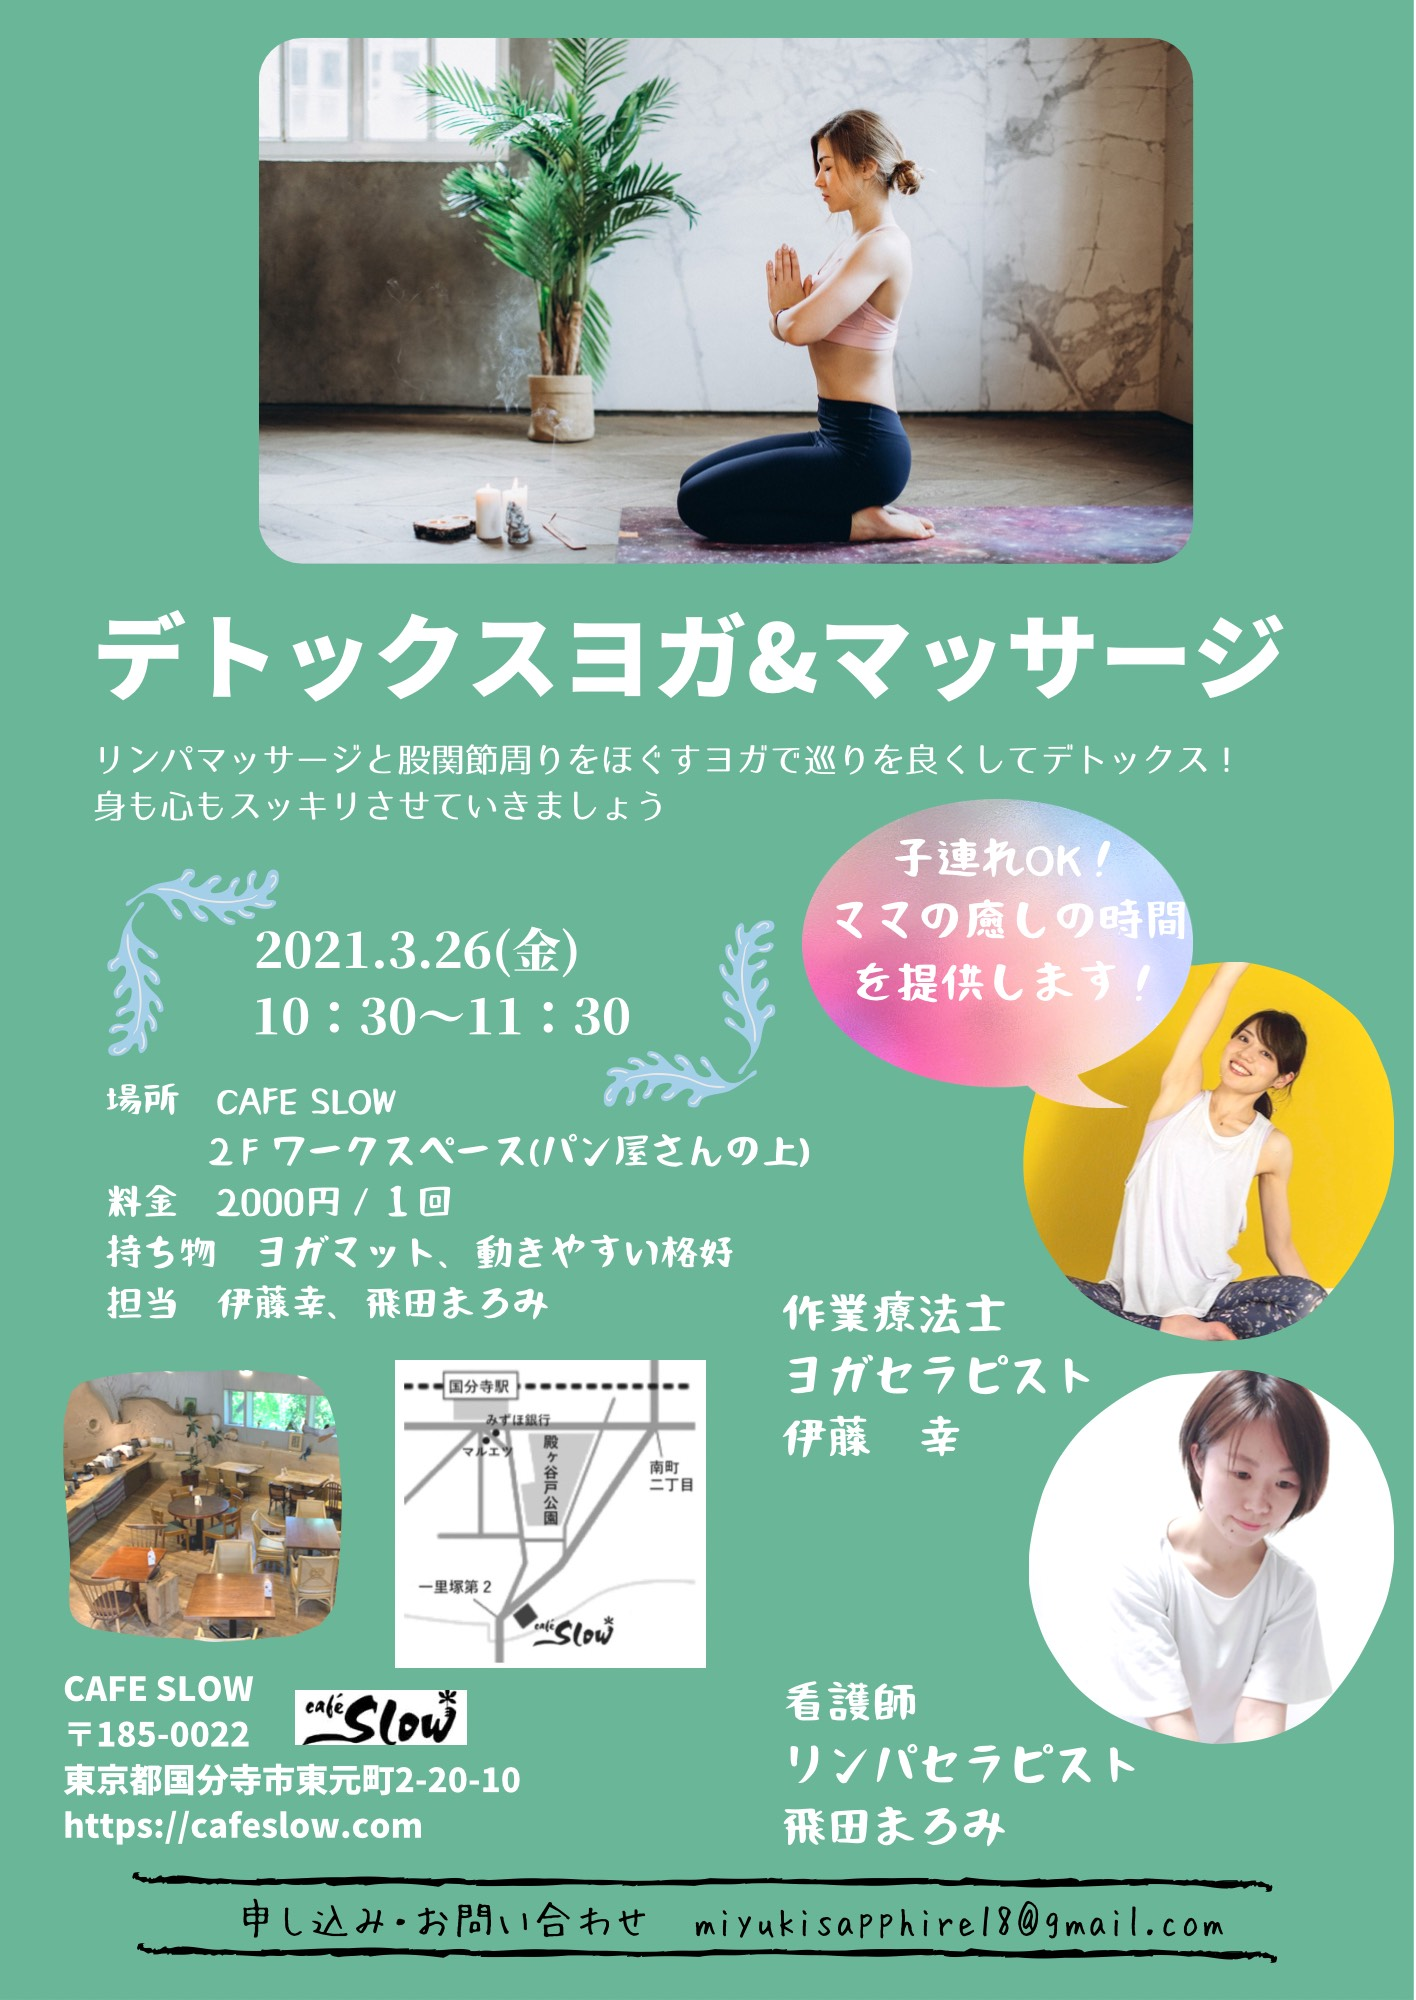 3/26(金) デトックスヨガ&マッサージ